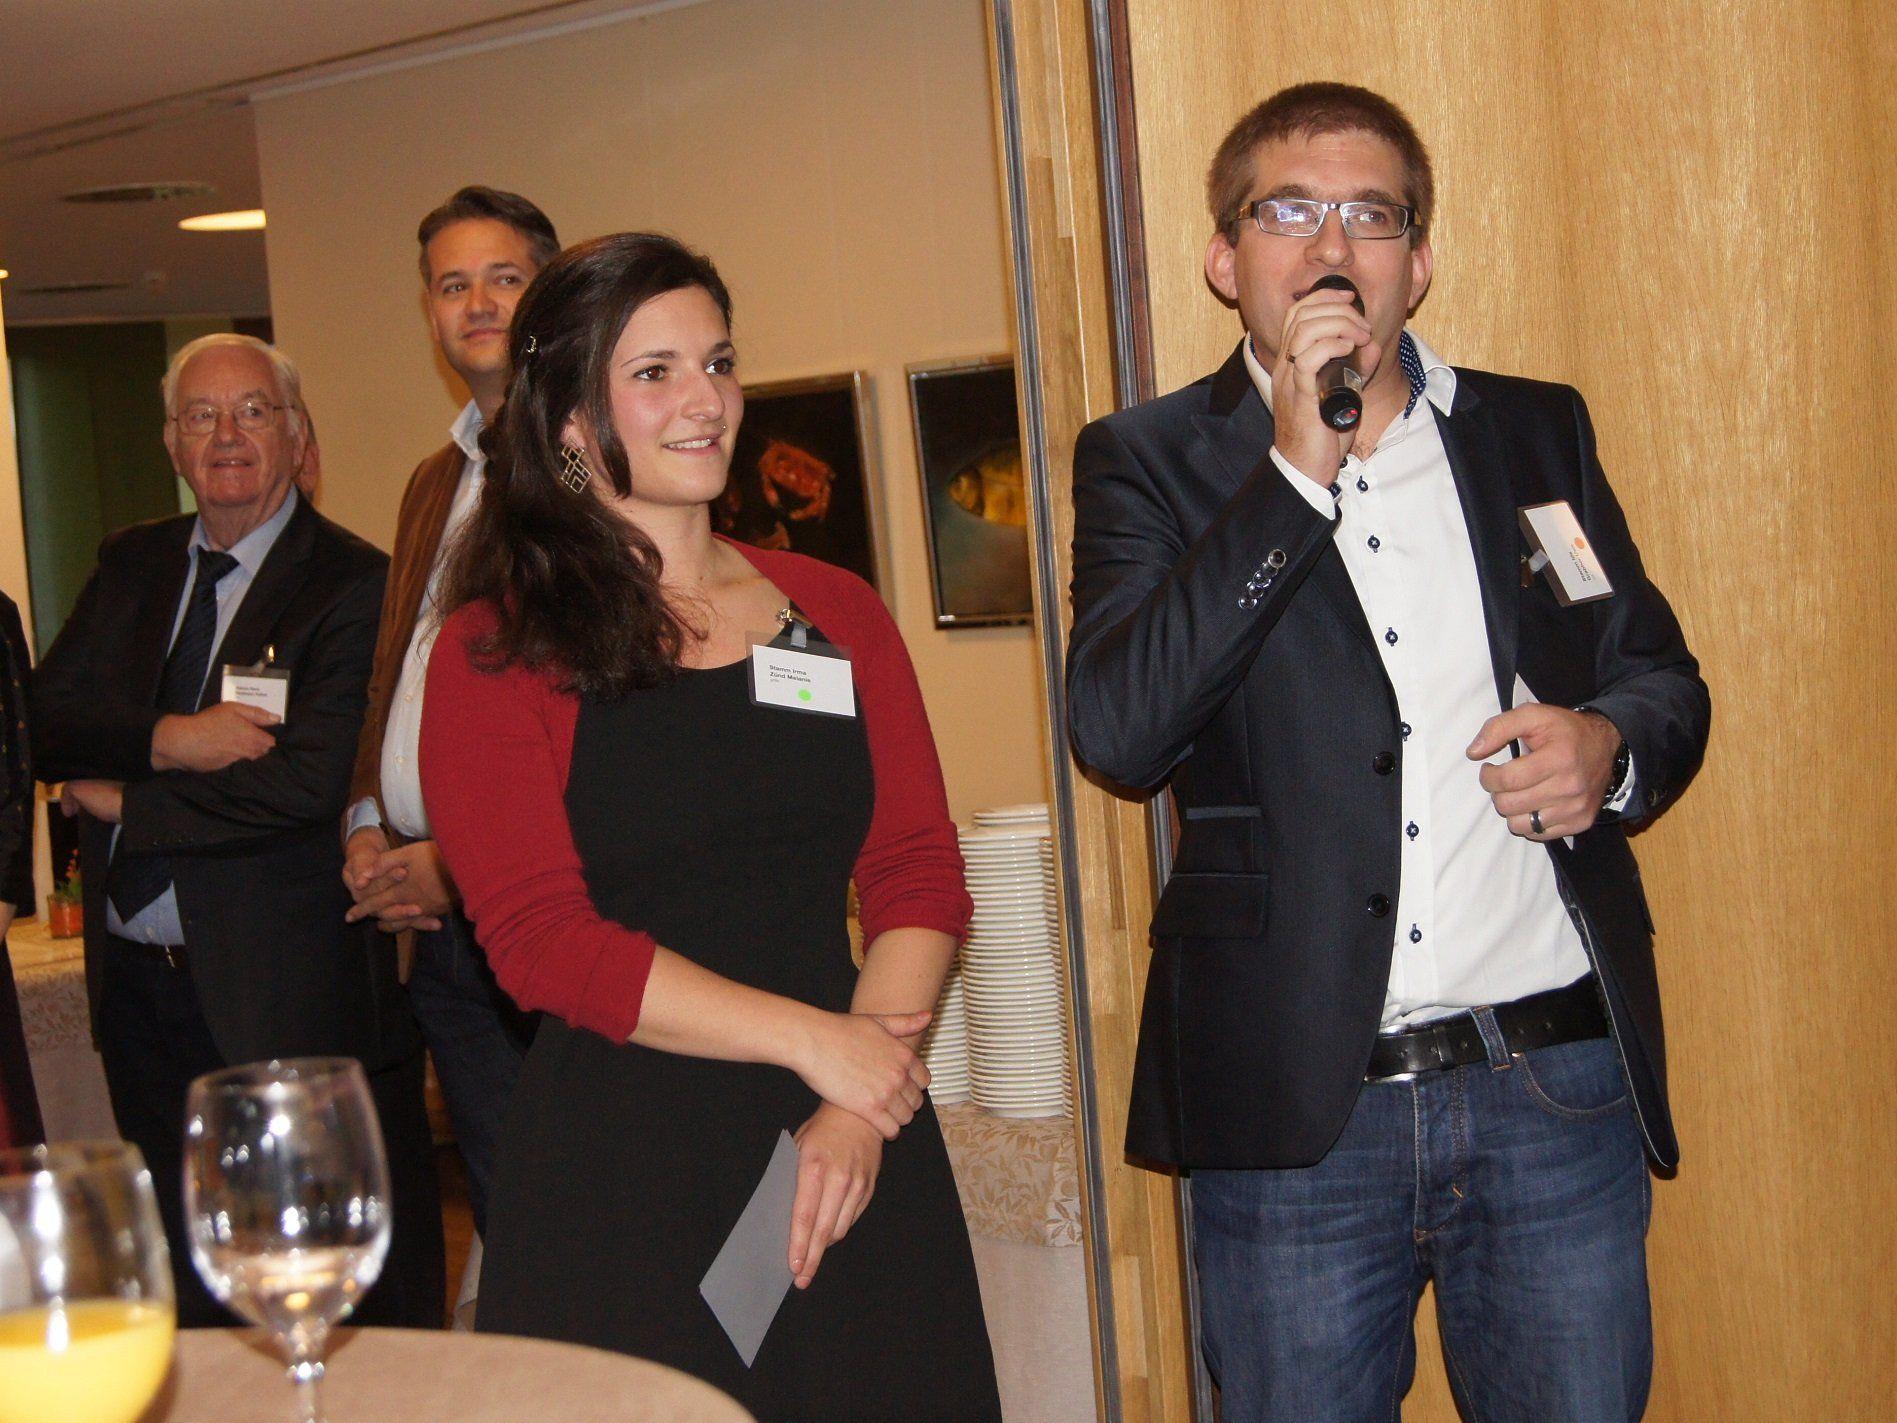 Melanie Zünd und Uwe Grabher führten durch ein unterhaltsames Familienfest.